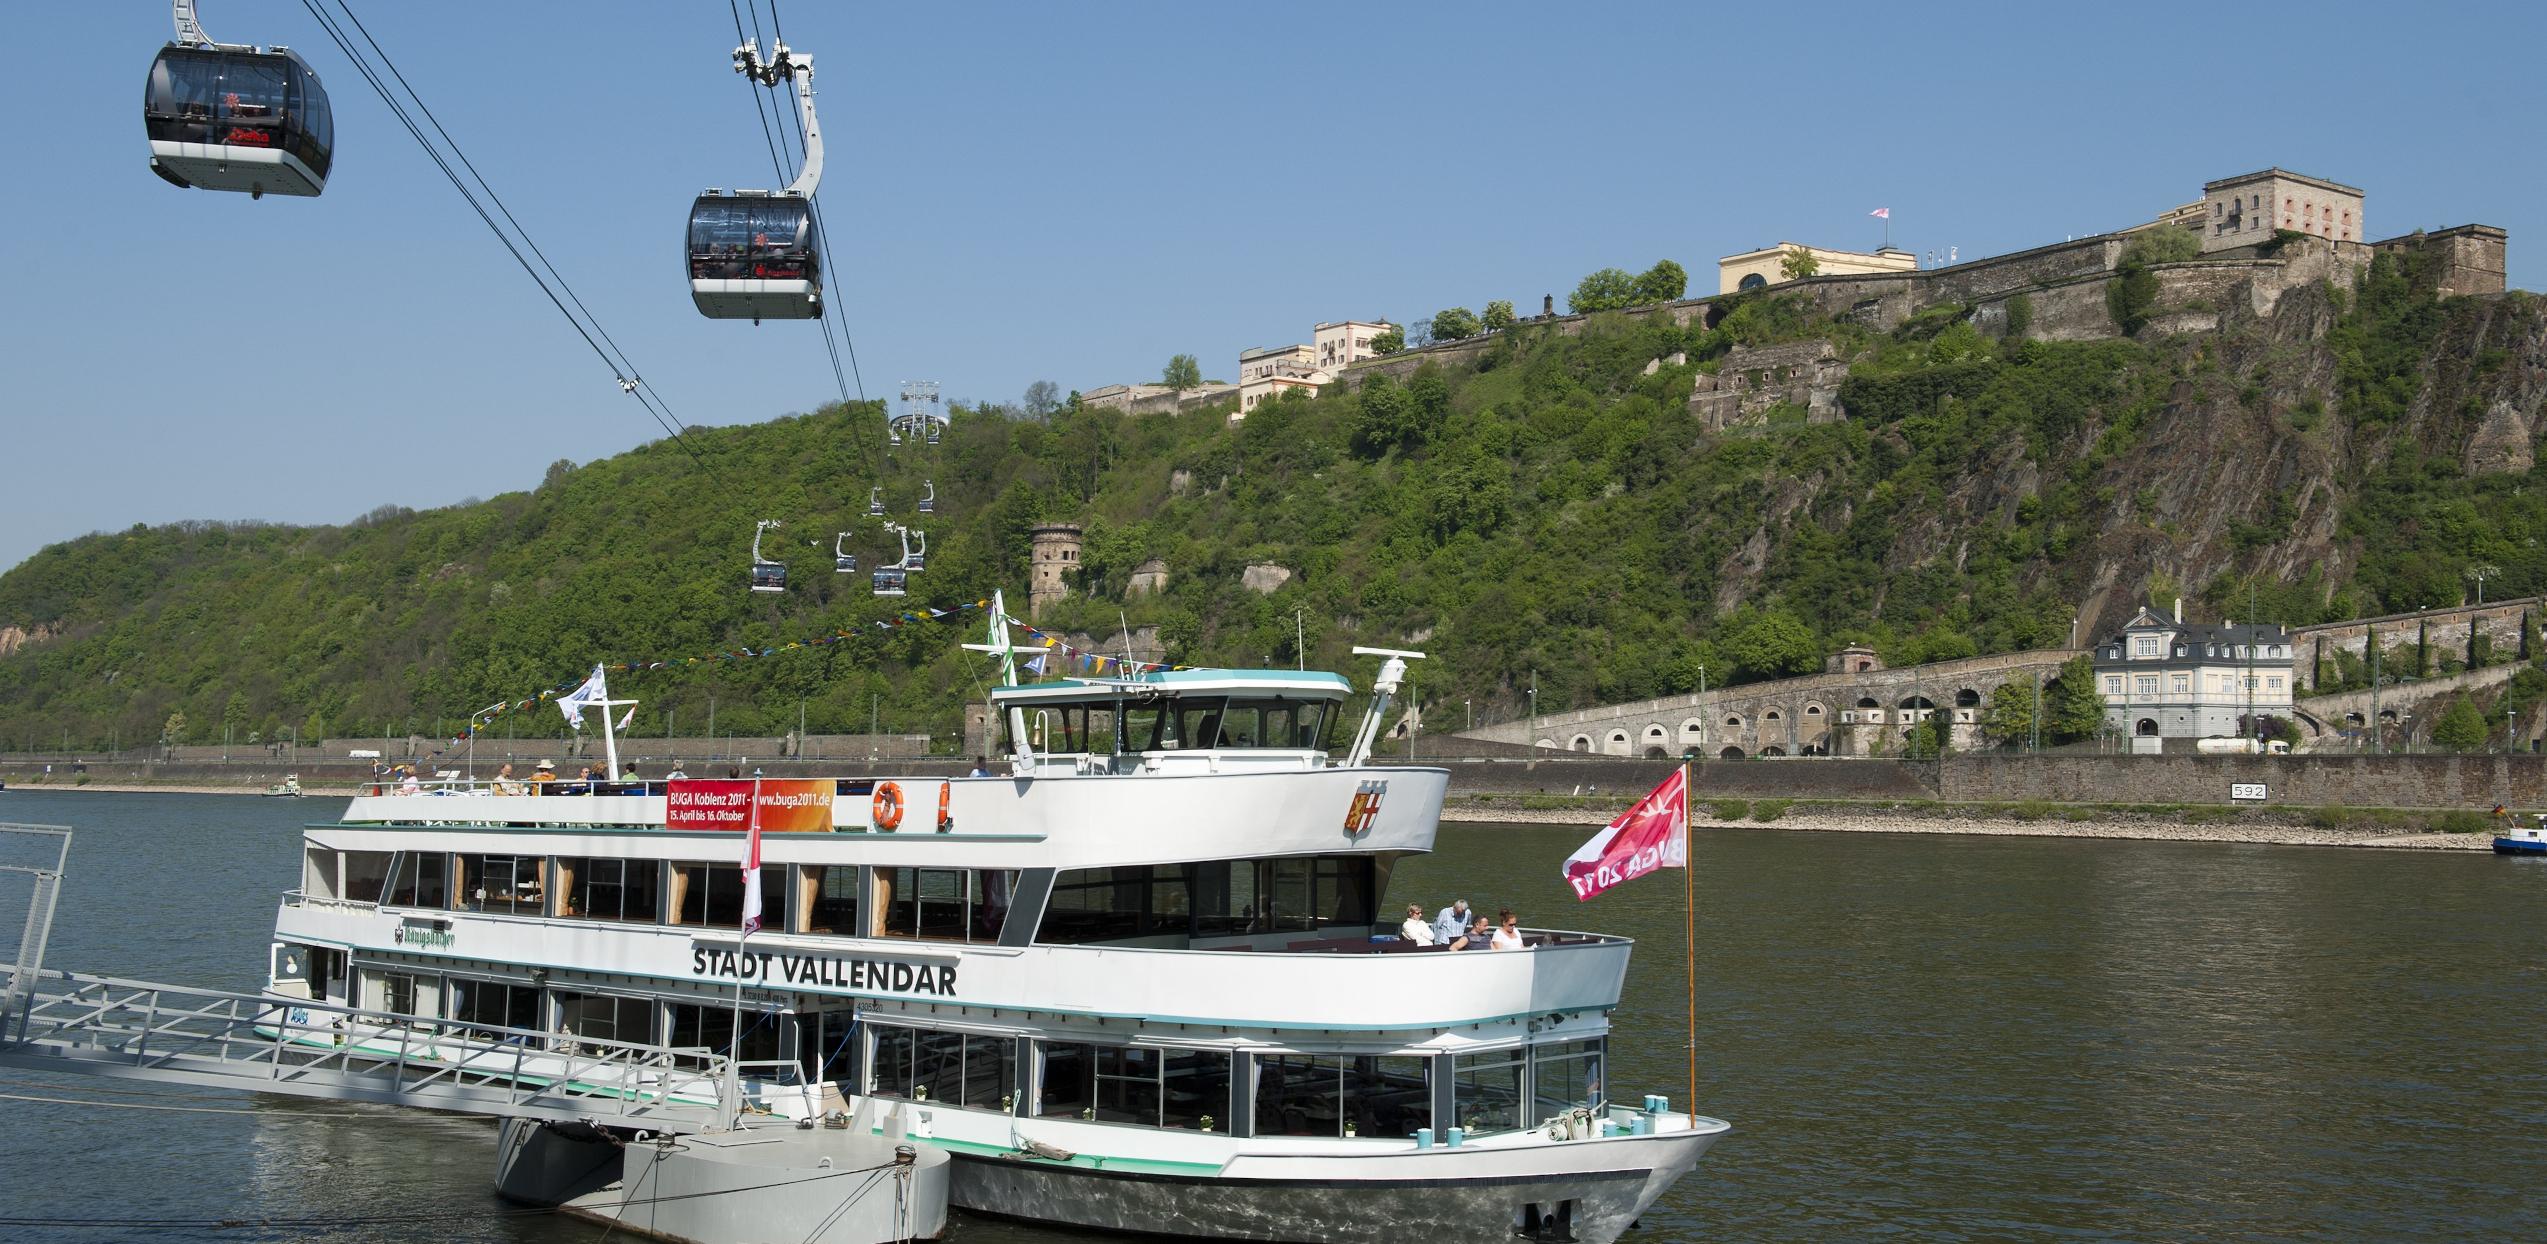 Auf dem Bild ist die Seilbahn aus Koblenz abgebildet. Im Vordergrund ist ein Ausflugsschiff zu sehen. Im Hintergrund sieht man die Festung Ehrenbreitstein